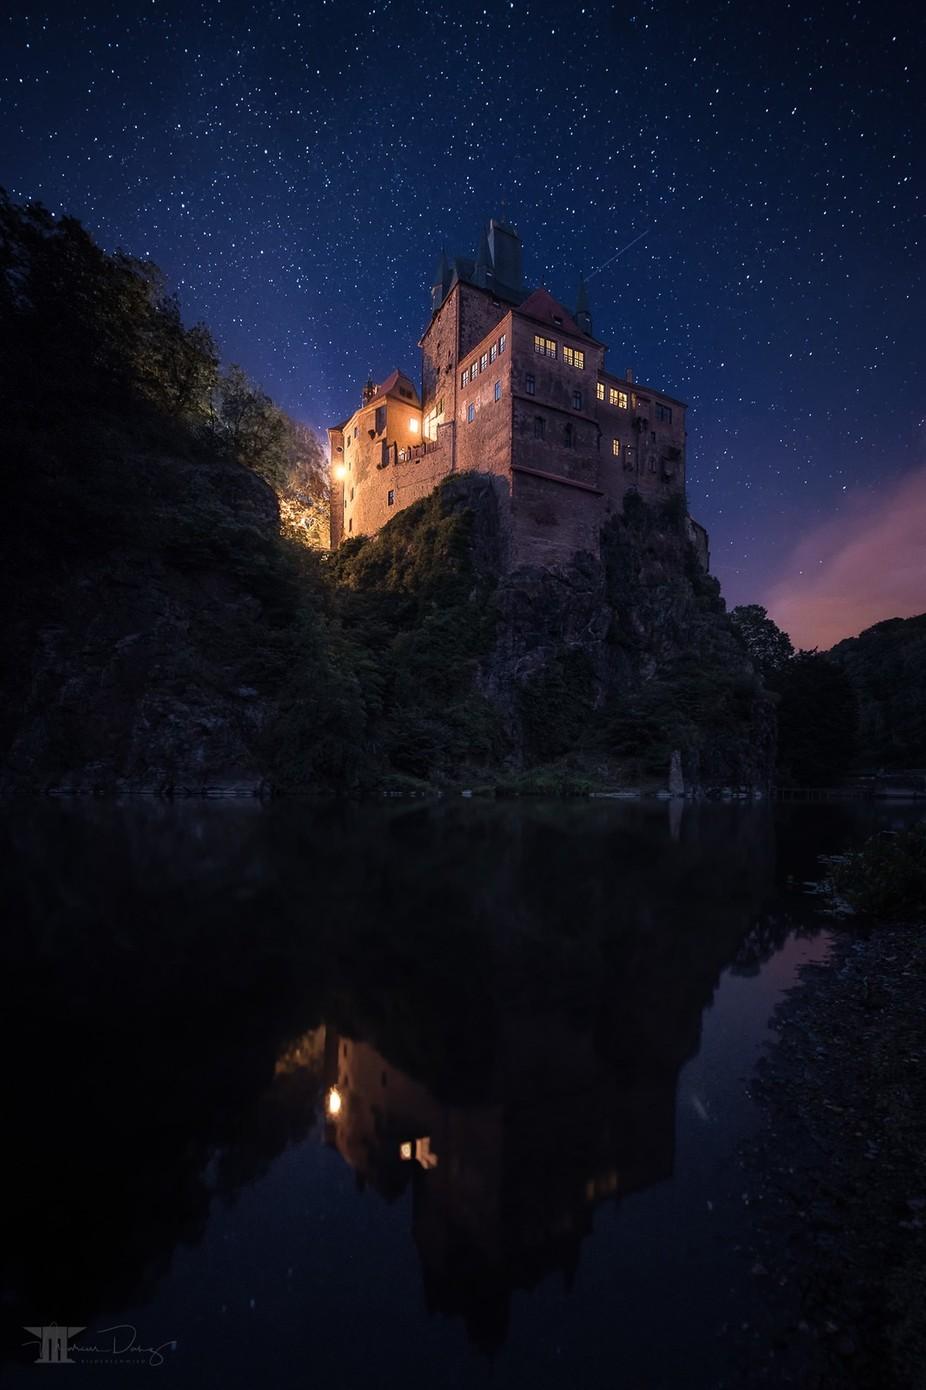 Castle Kriebstein under the stars by Bilderschmied-Danz - Night Wonders Photo Contest